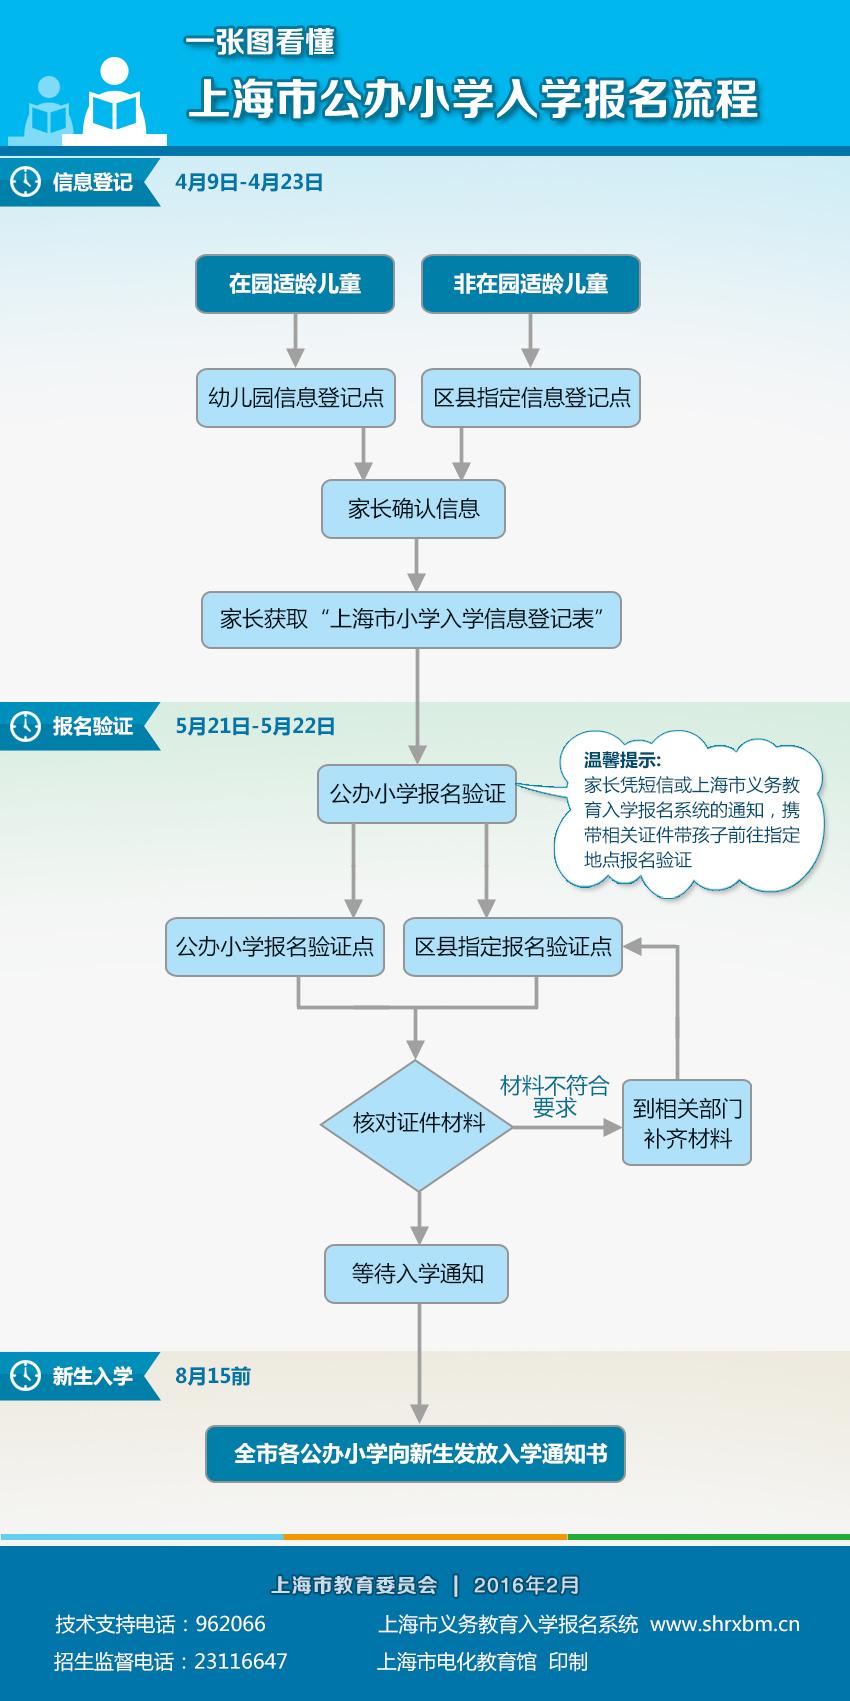 上图:一张图看懂上海市公办小学入学报名流程【图解】-2016年上海